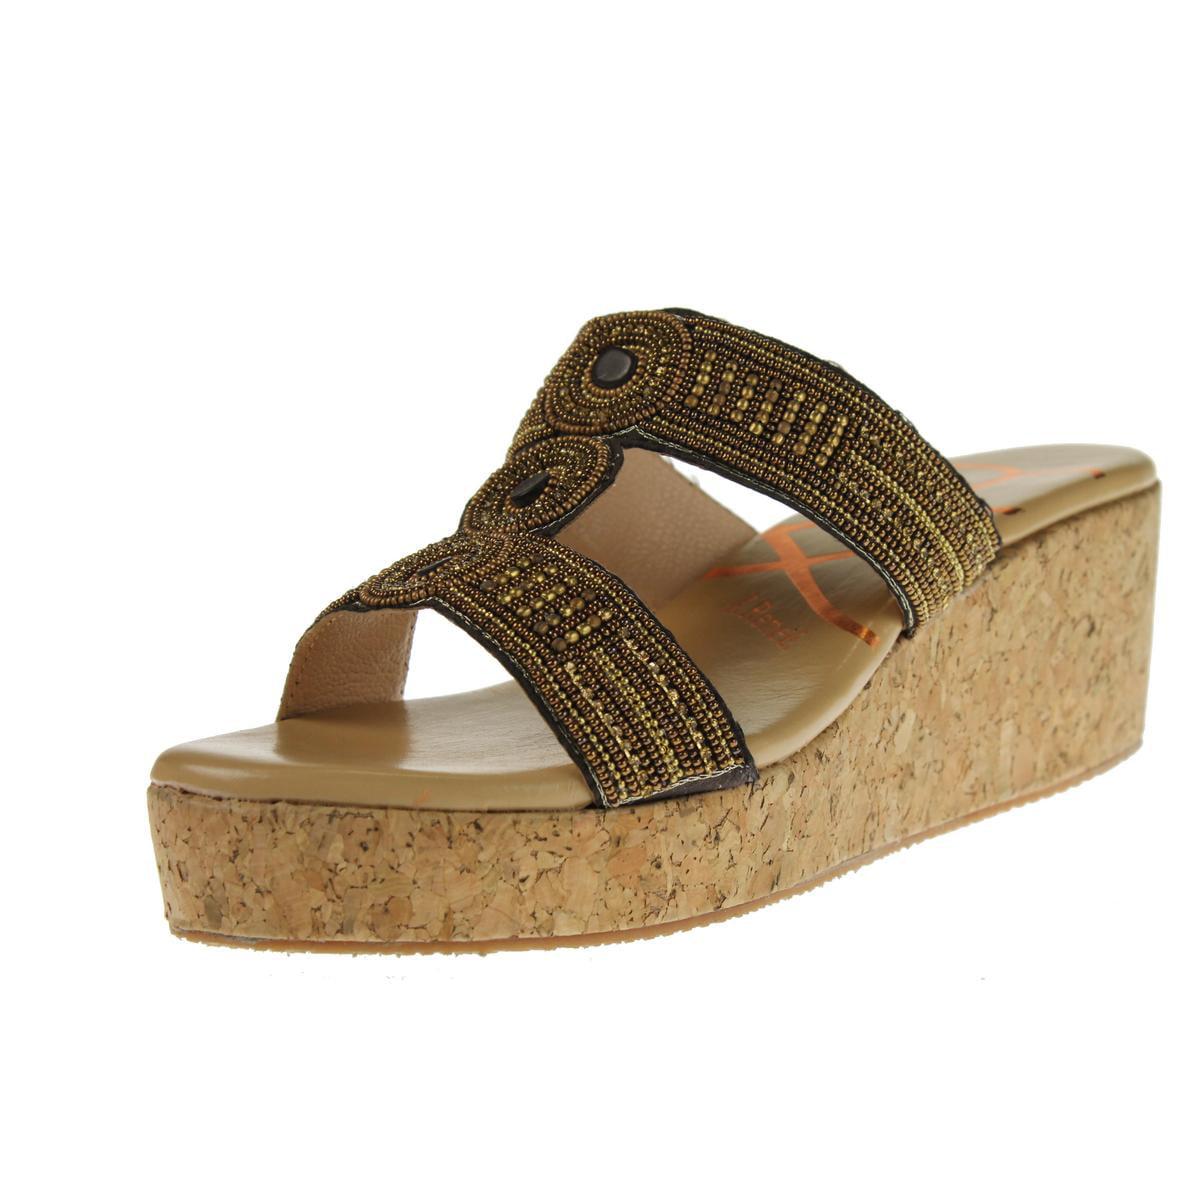 J. Renee Womens Trena Beaded Cork Slide Sandals by J. Renee